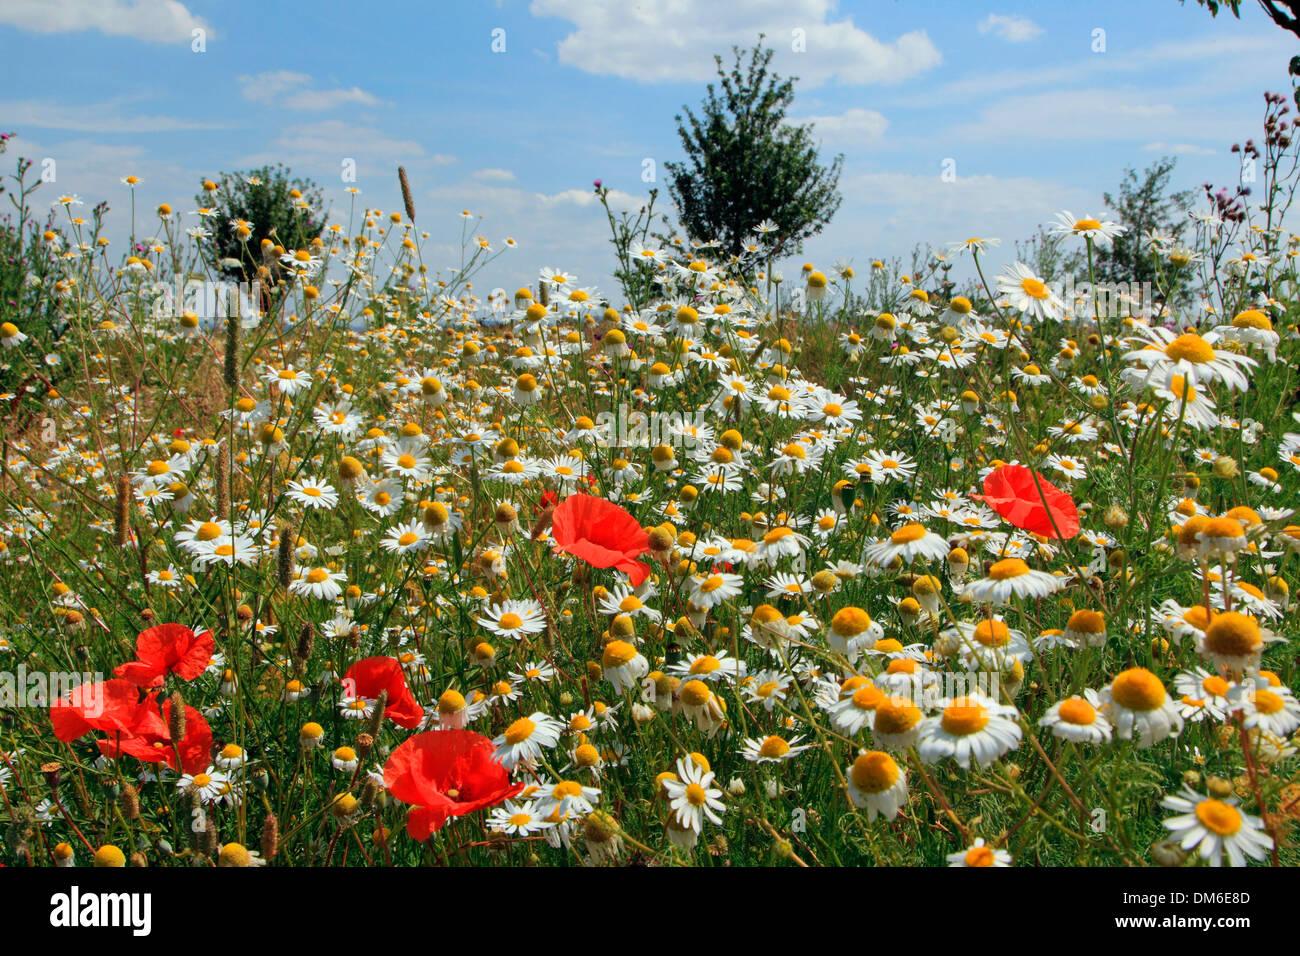 Prairie avec des fleurs Coquelicot (Papaver rhoeas) et de la marguerite blanche (Chrysanthemum leucanthemum Leucanthemum vulgare), à l'al. Banque D'Images